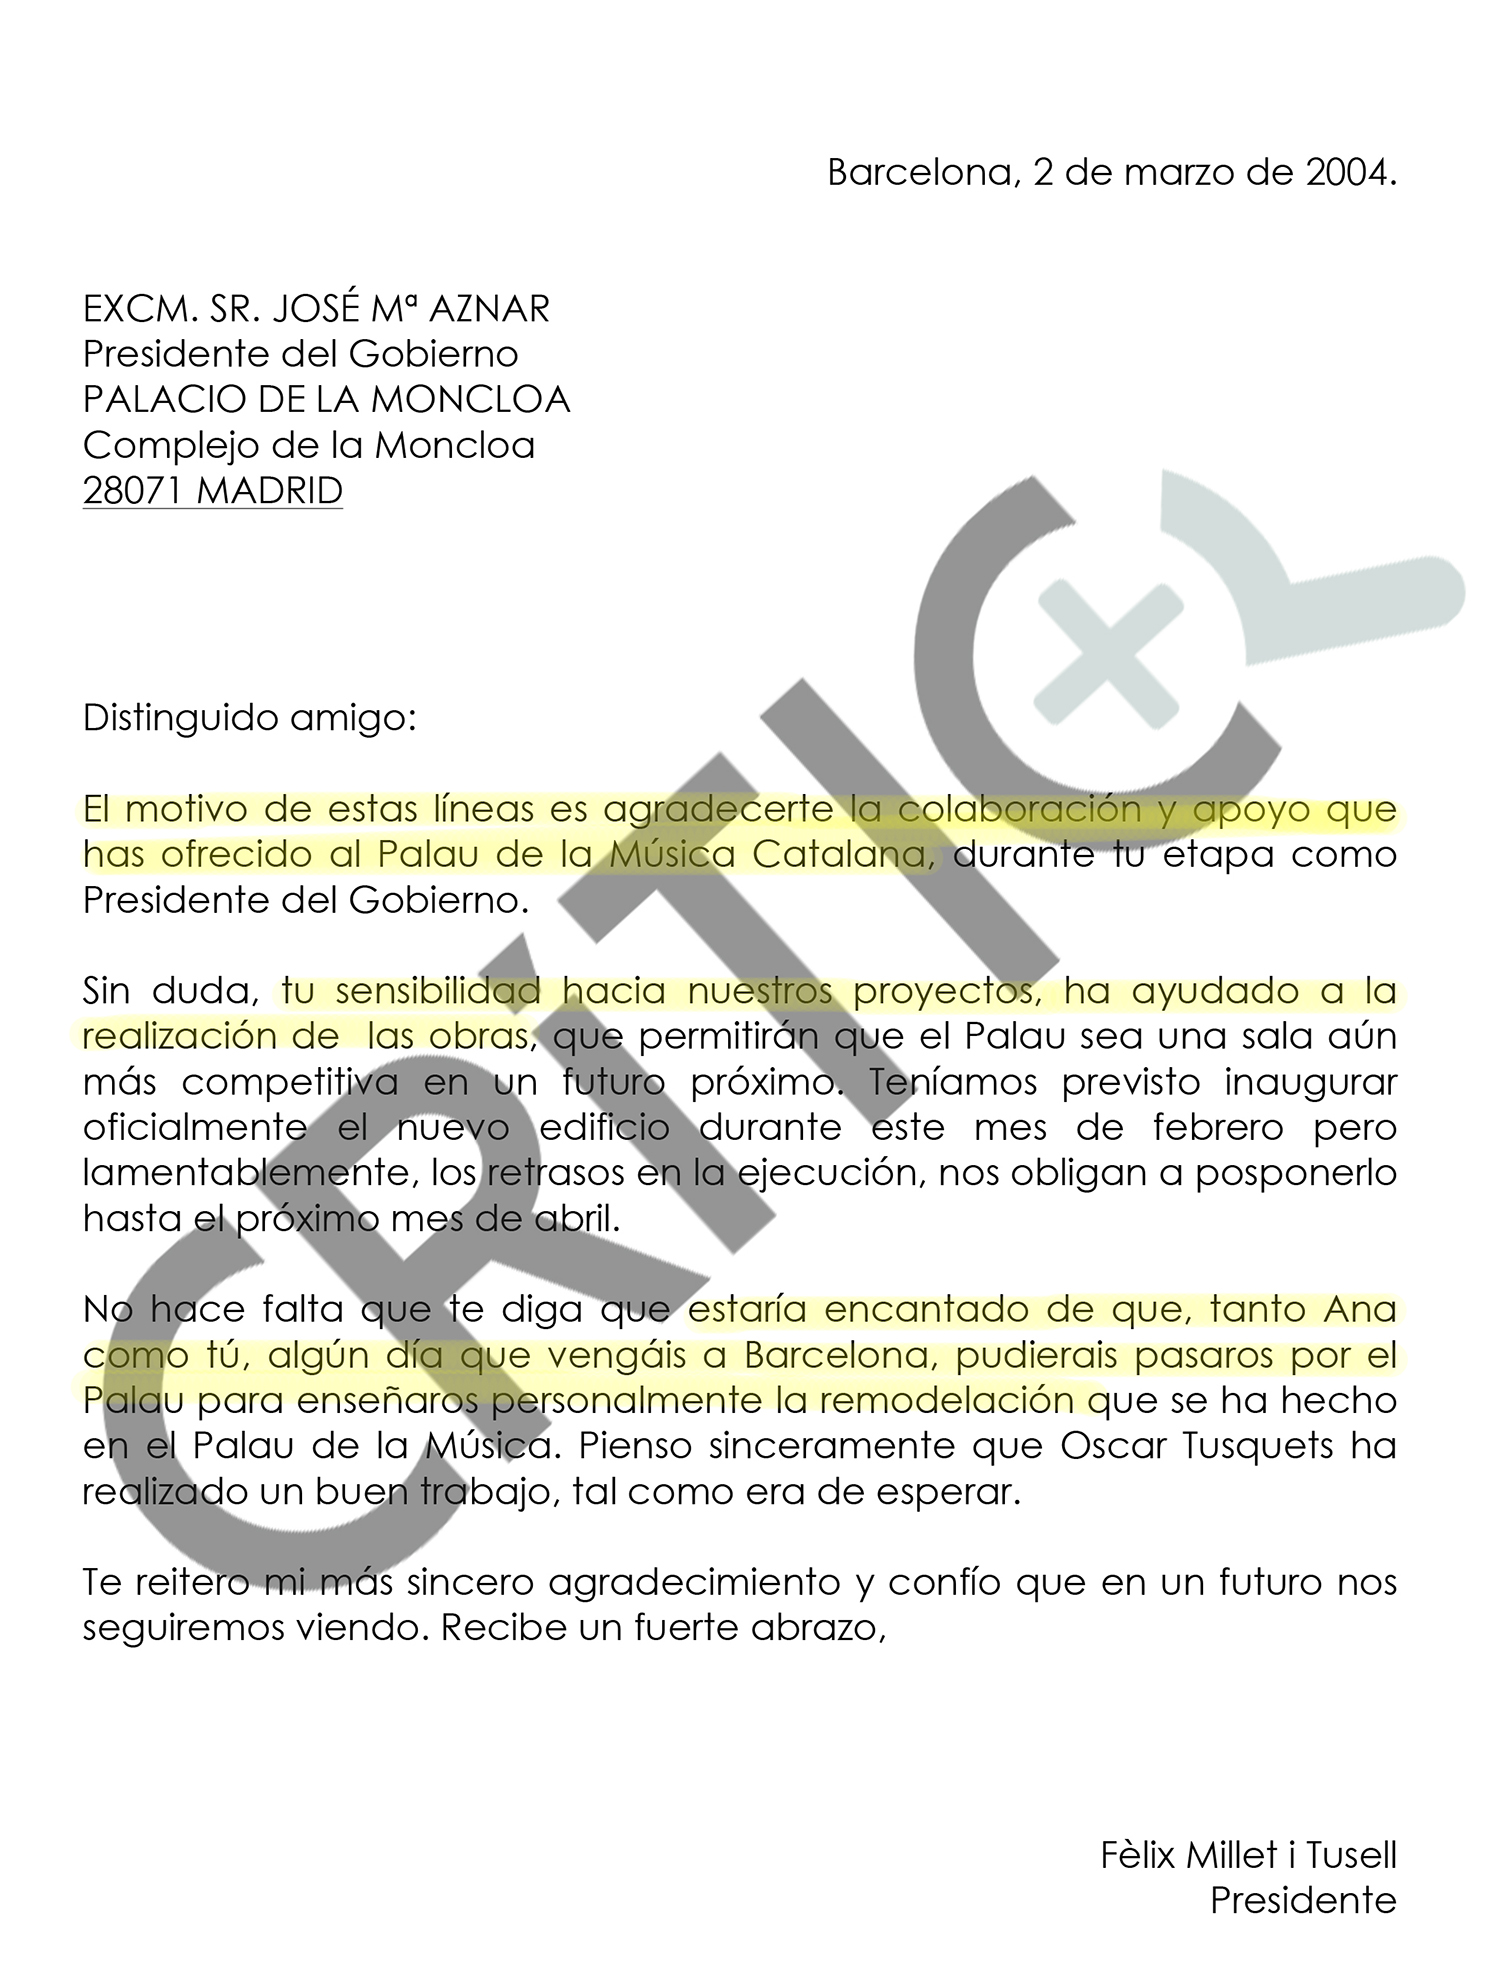 Microsoft Word - ANEXO 120.Aznar 4.doc